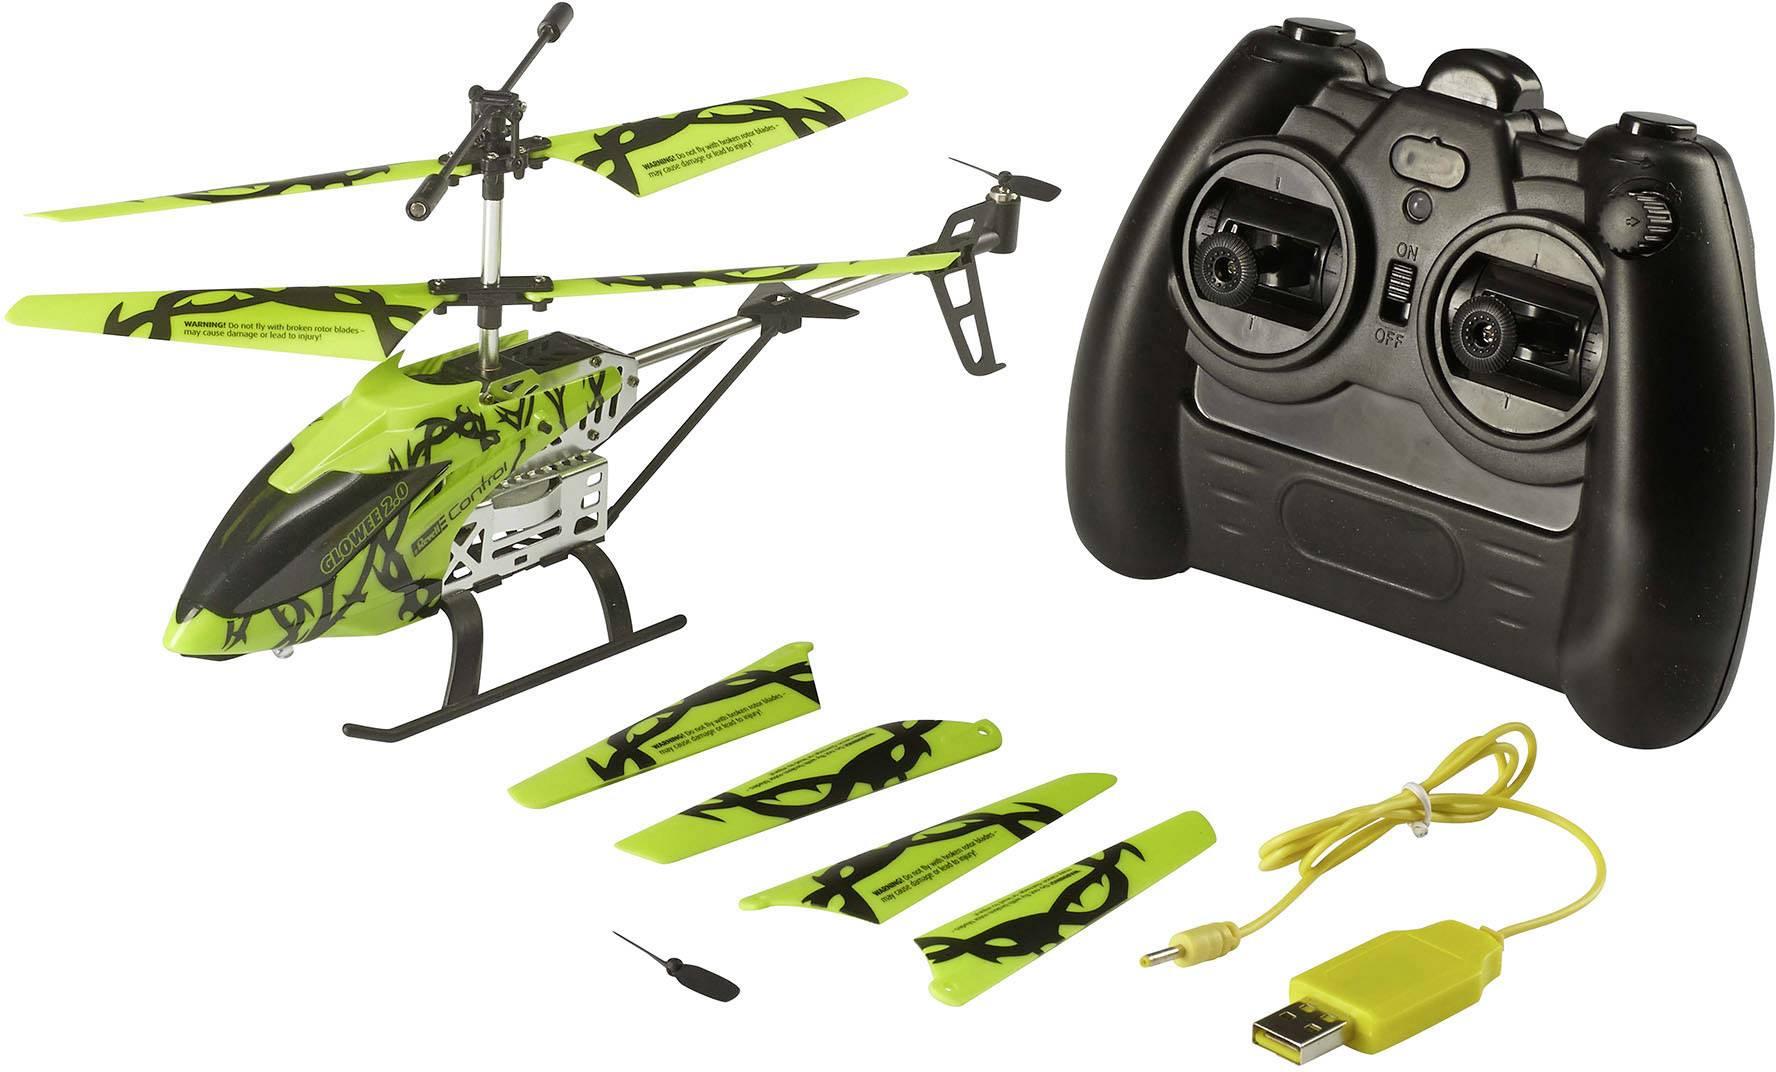 RC model vrtulníku pro začátečníky Revell Control Glowee 2.0, RtF